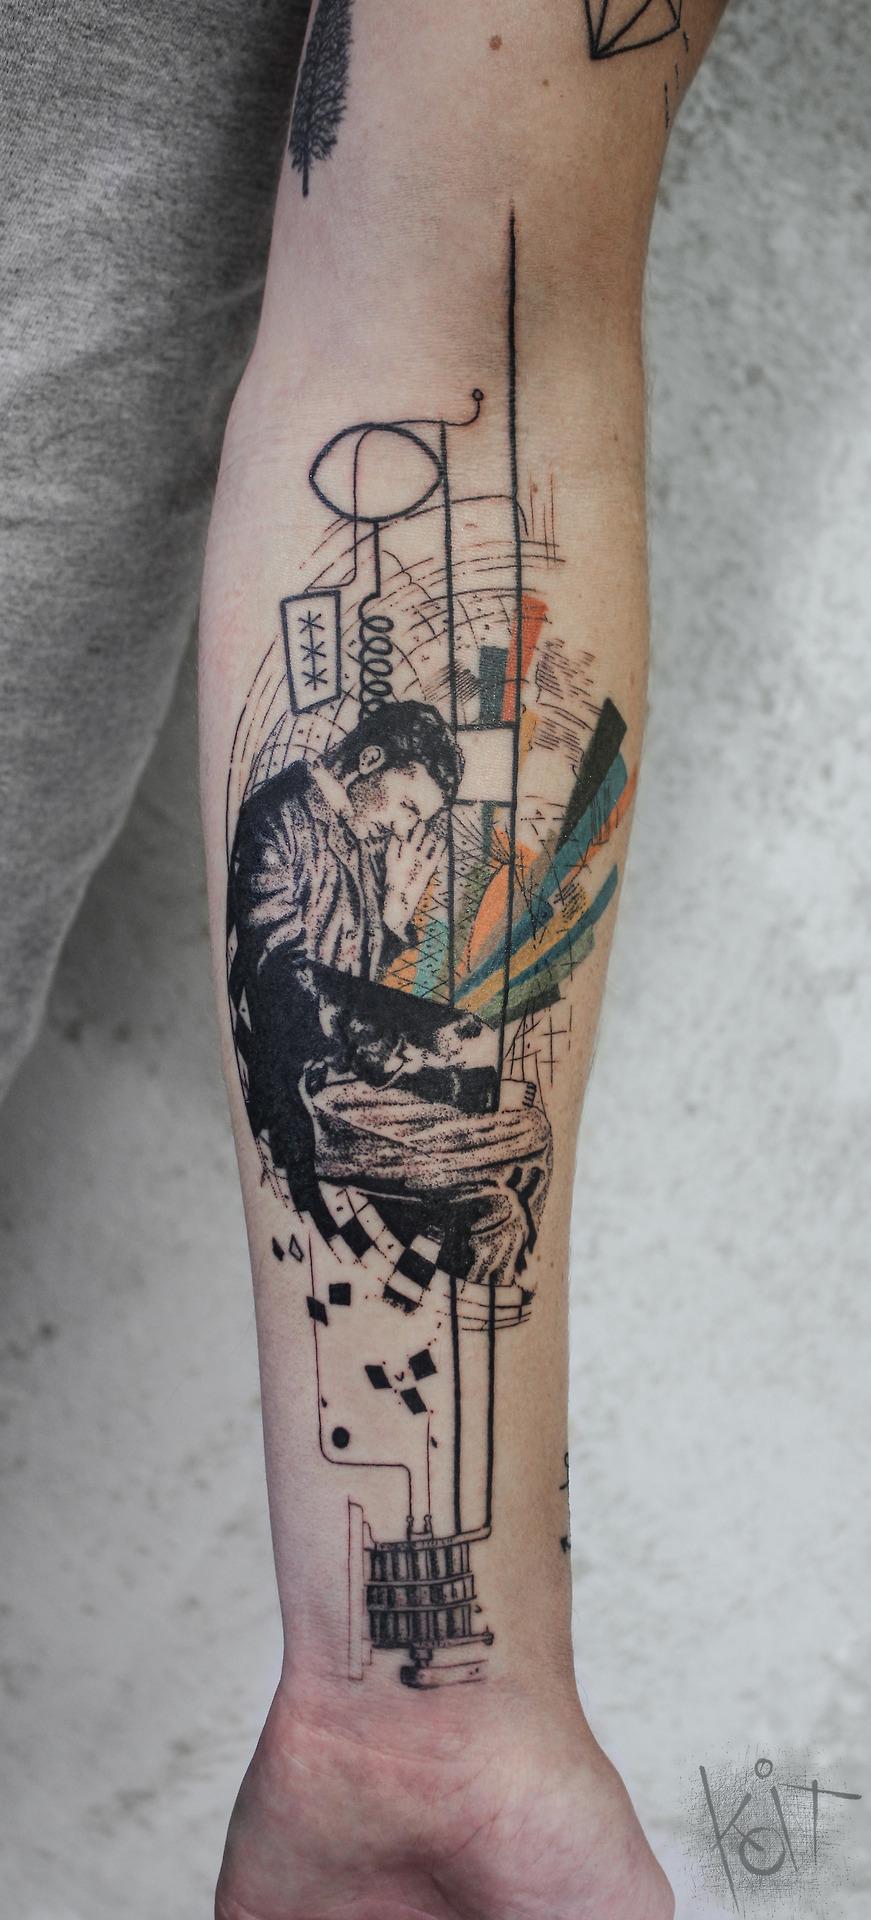 Koit Tattoo